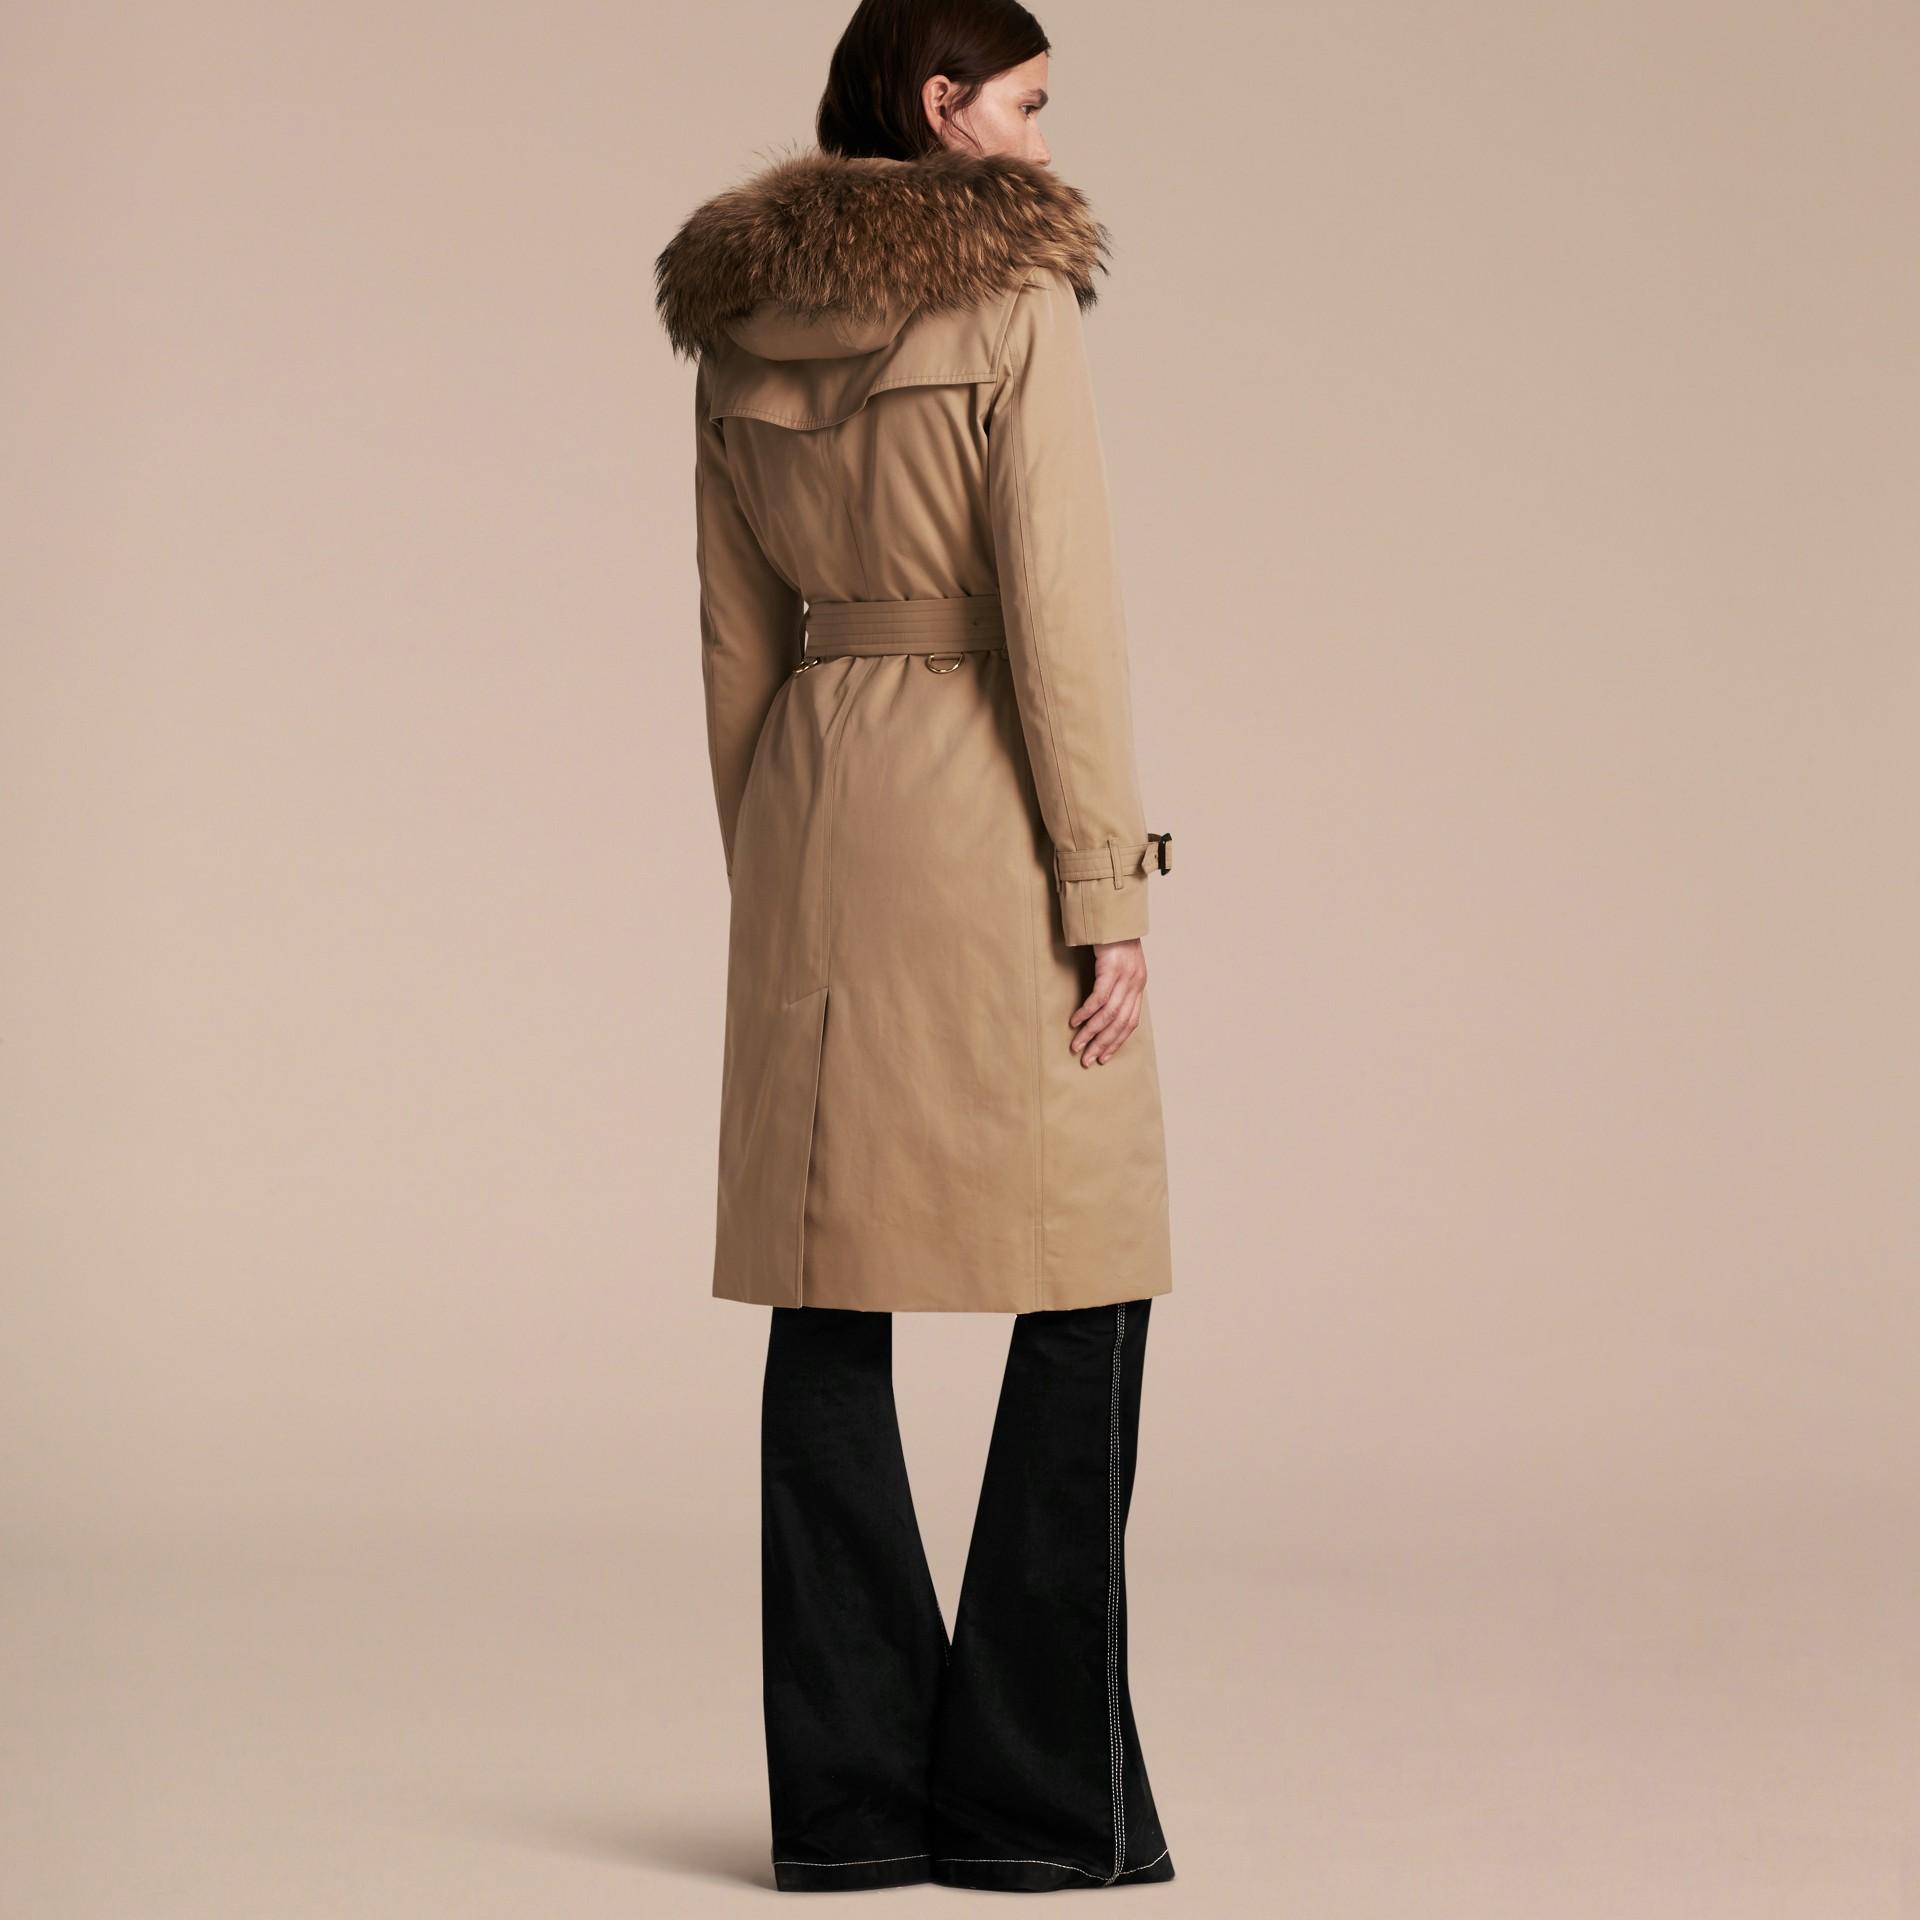 Miel Trench coat con ribete en piel en la capucha e interior acolchado de quita y pon Miel - imagen de la galería 3